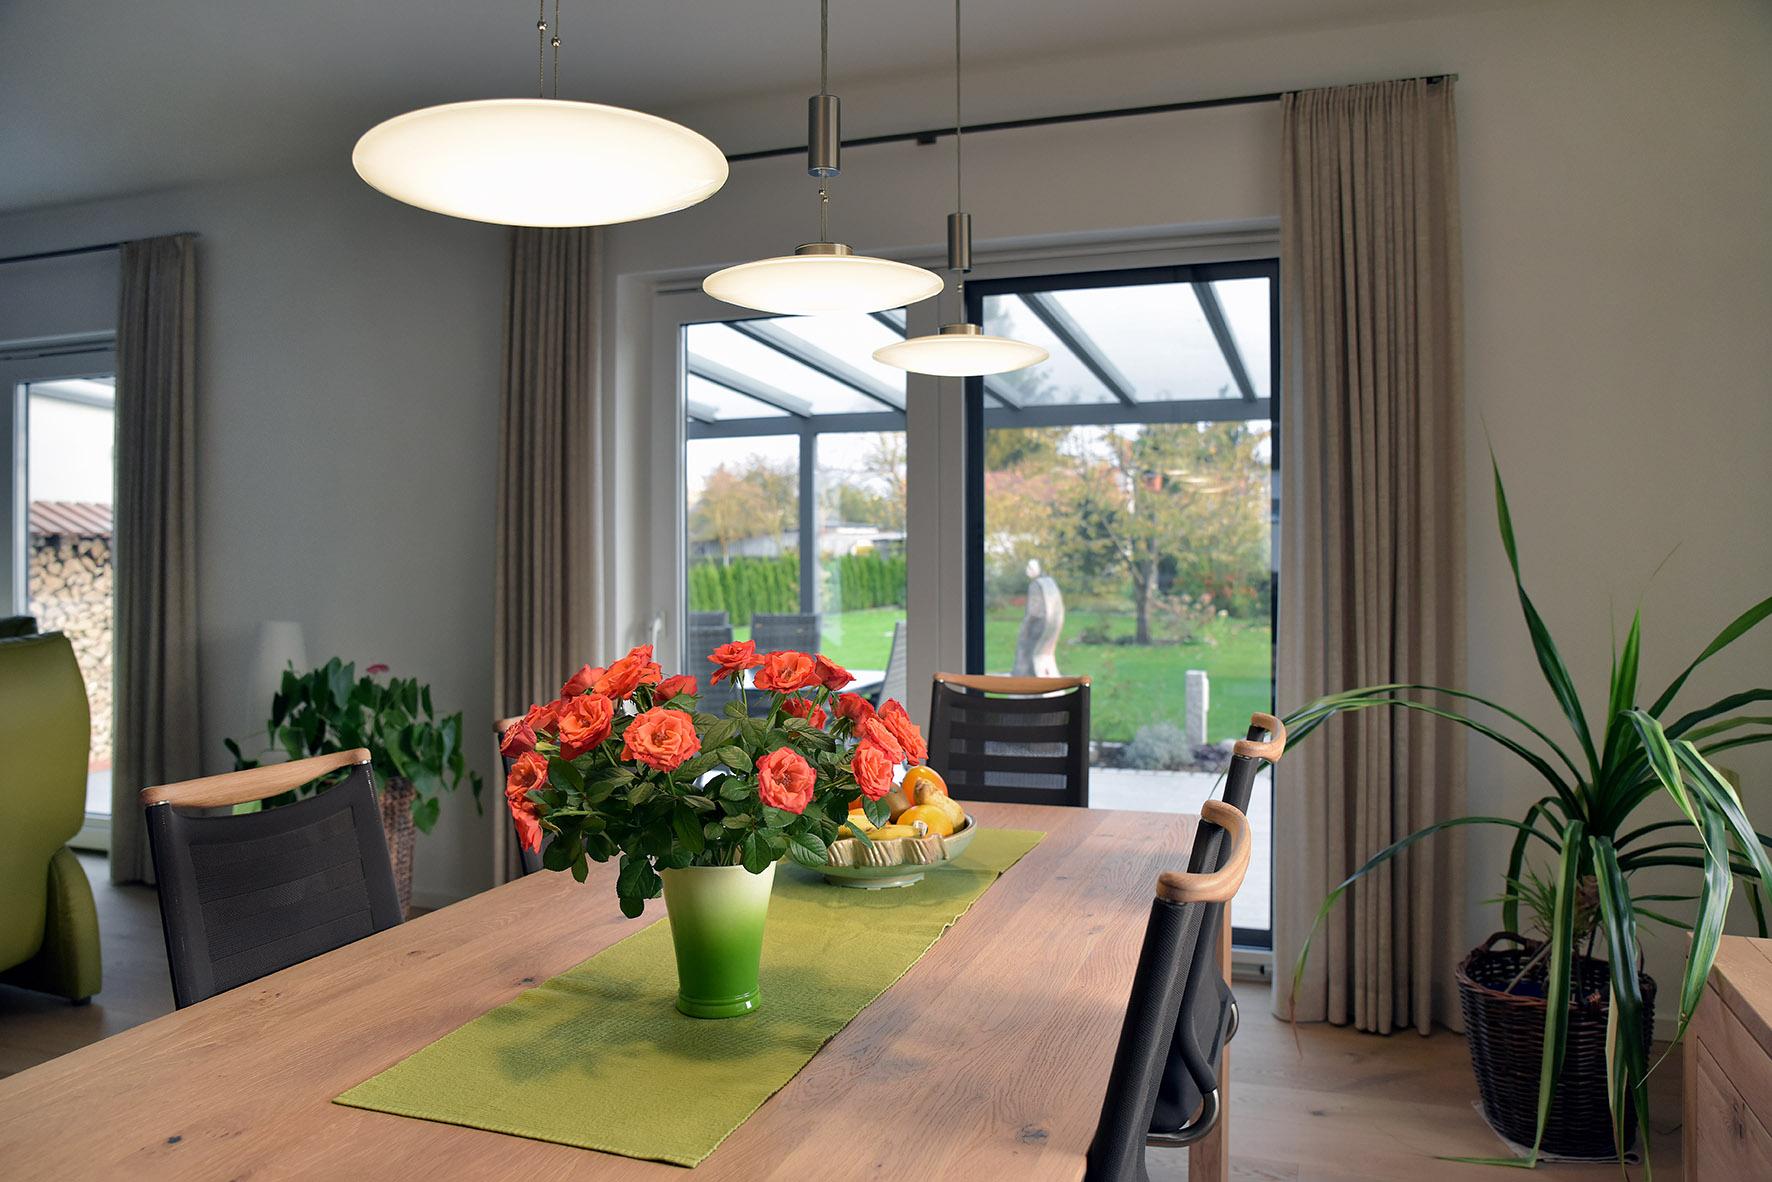 Wohnzimmer - 2090.jpg